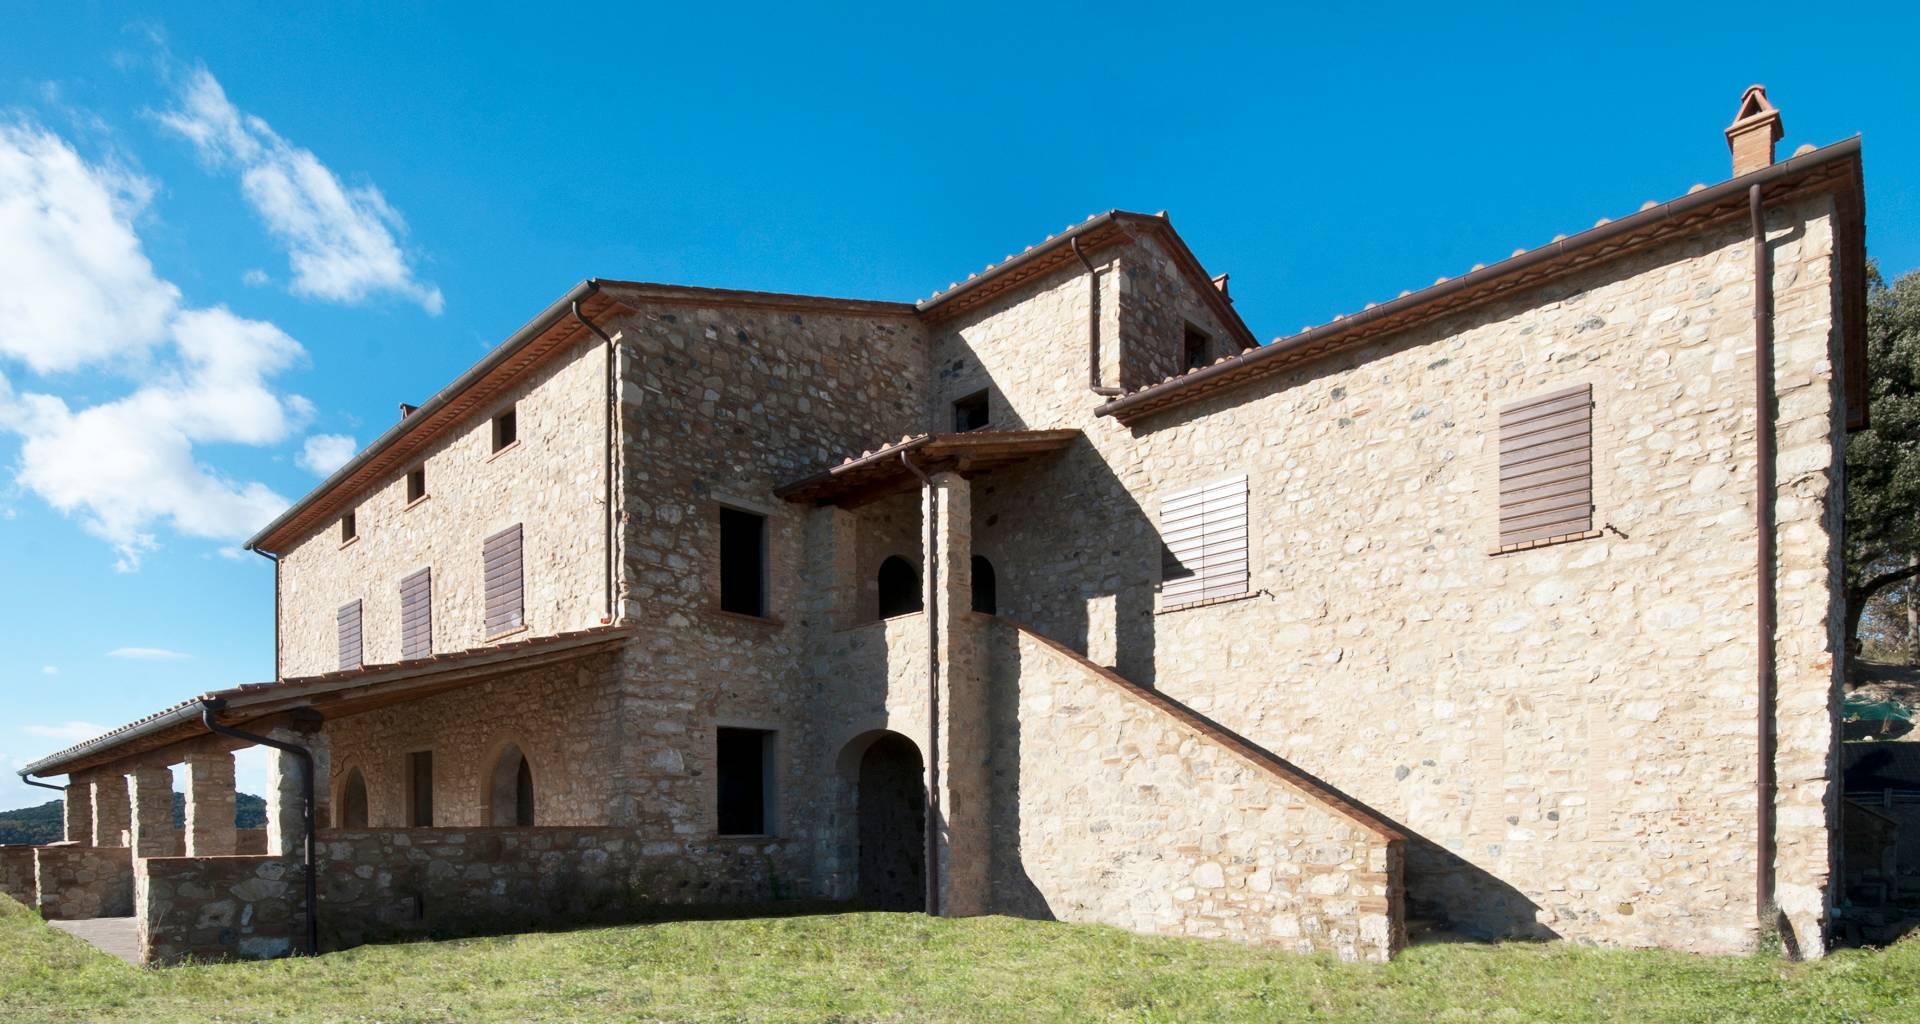 Appartamento in vendita a Riparbella, 2 locali, prezzo € 290.000 | PortaleAgenzieImmobiliari.it